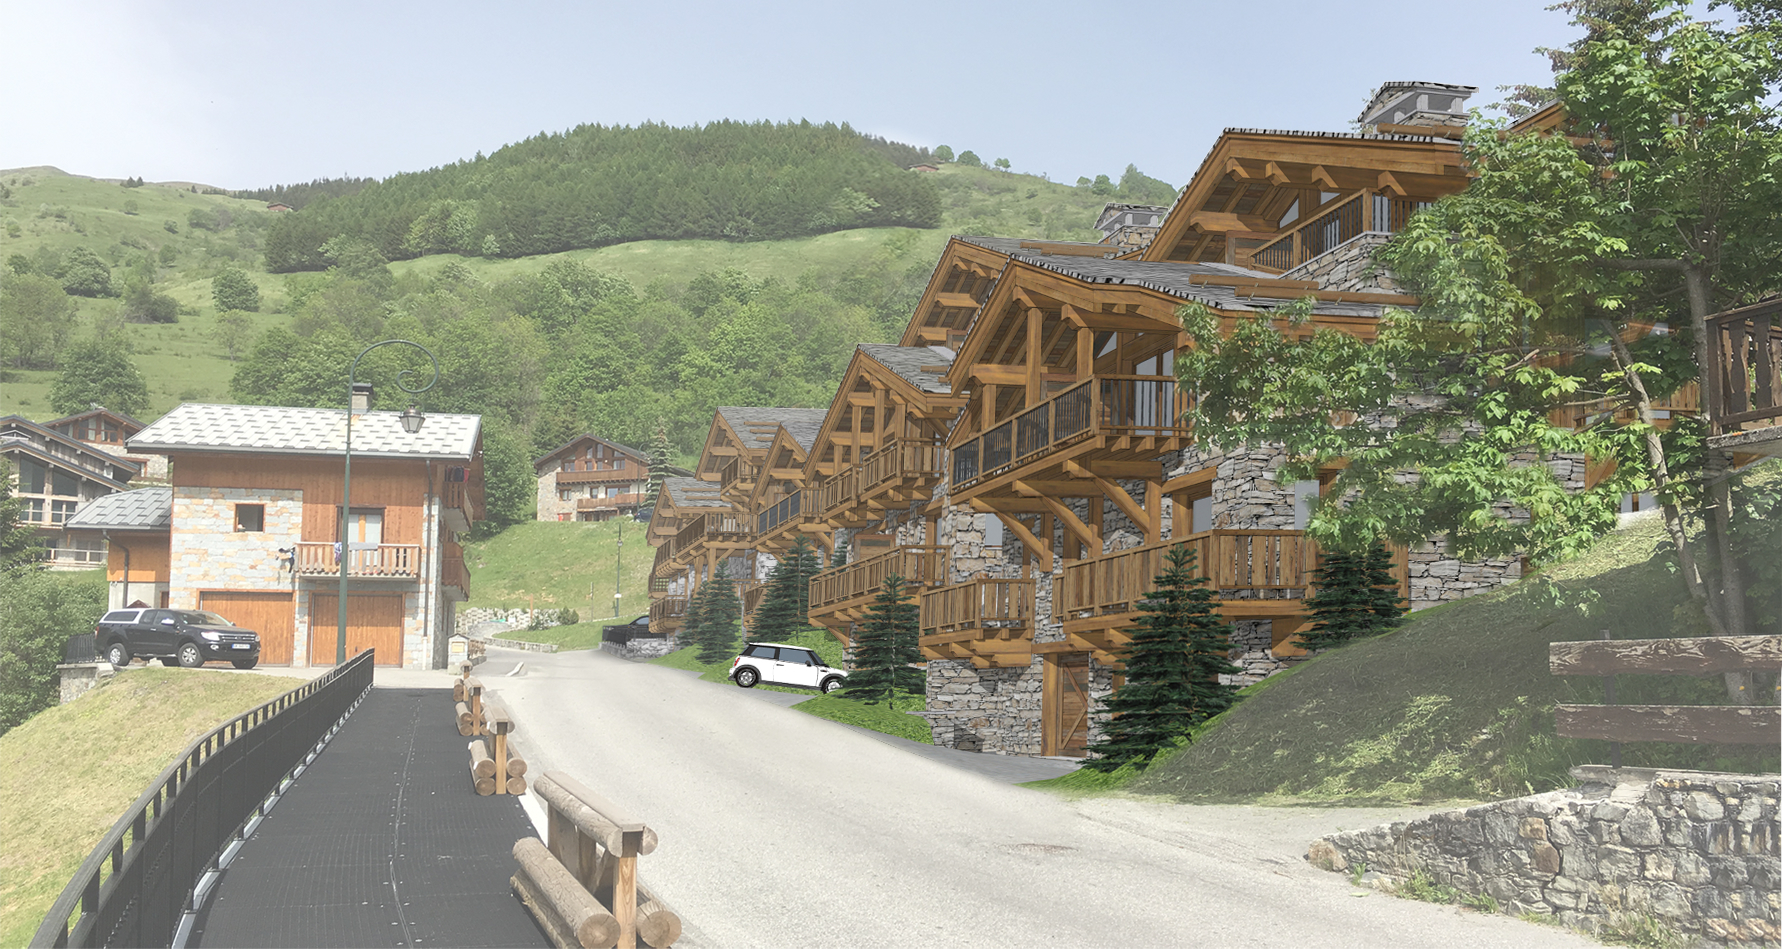 Les Chalets de La Combe Insertion n°3 Vue Nord Ouest - Saint Martin de Belleville Savoie France